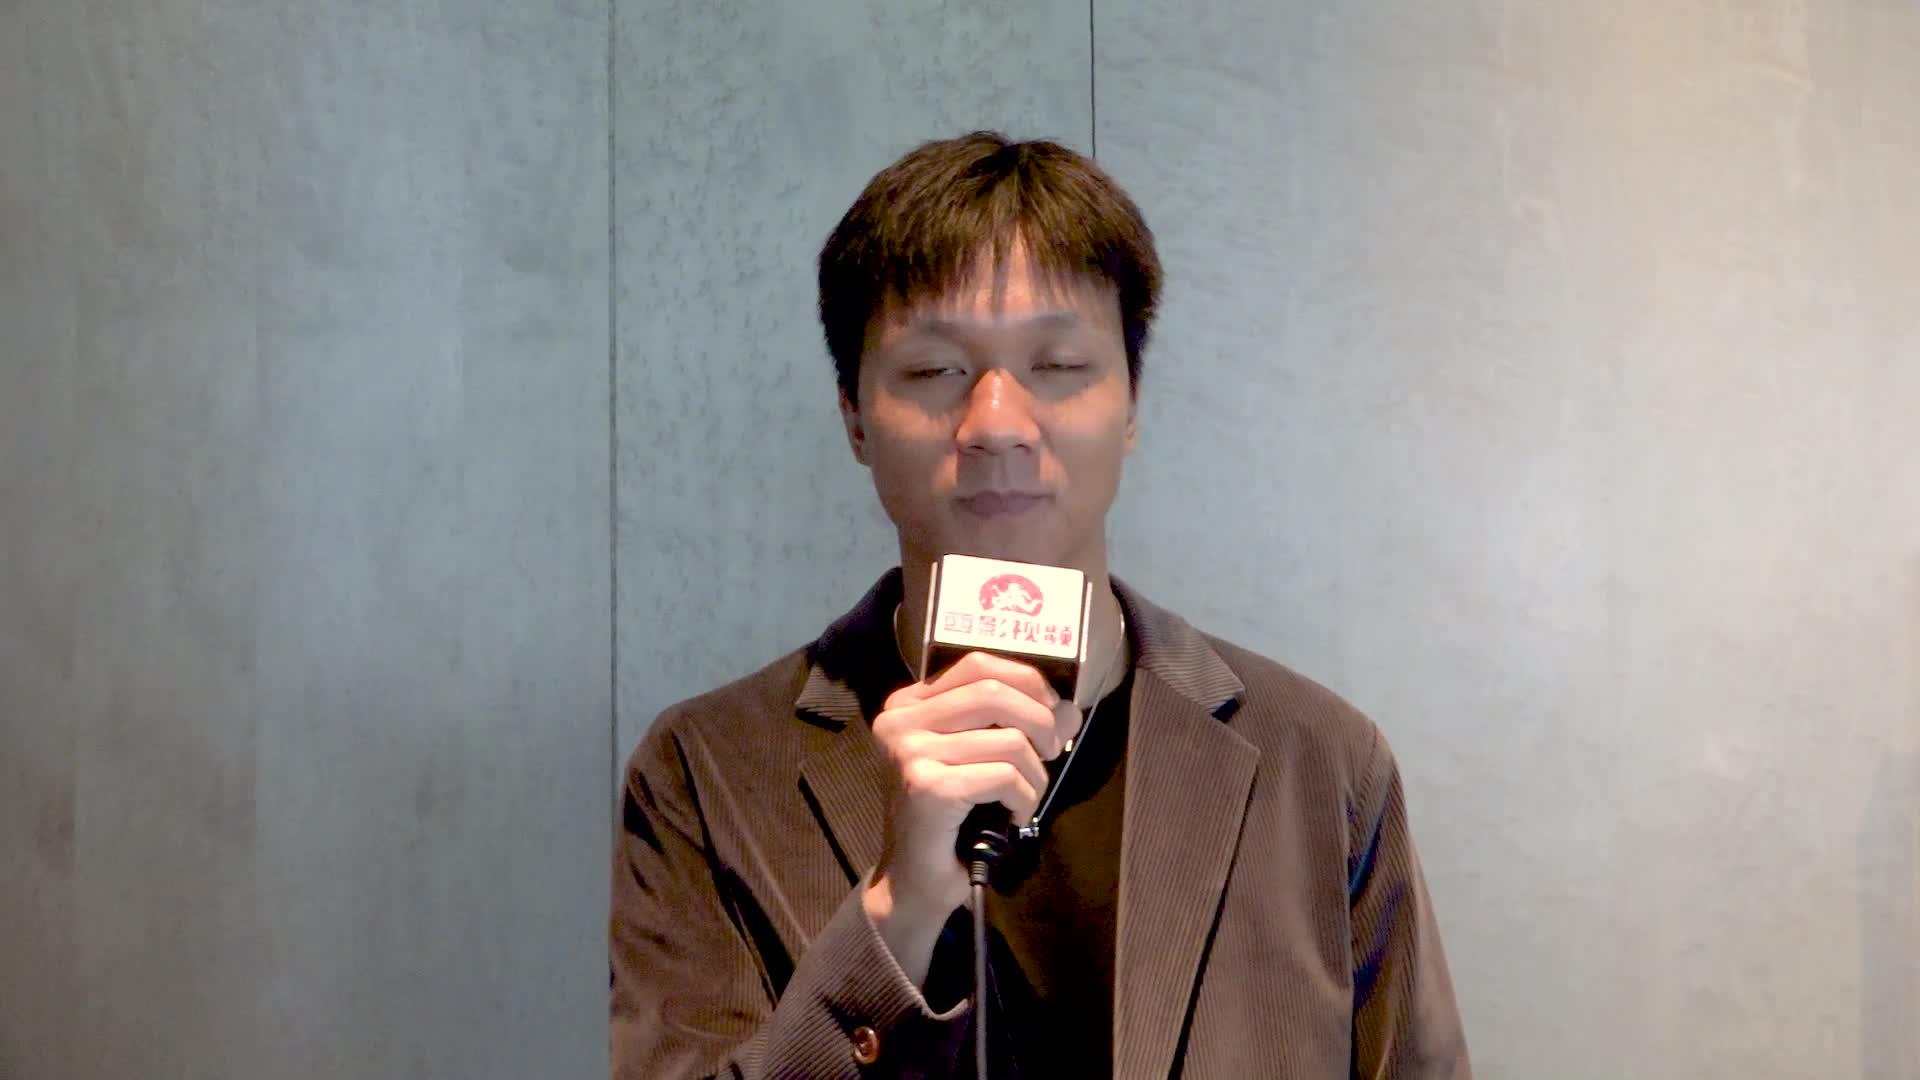 《永远是少年》亮相丝路国际电影节 主演谢霄翰分享拍摄经历